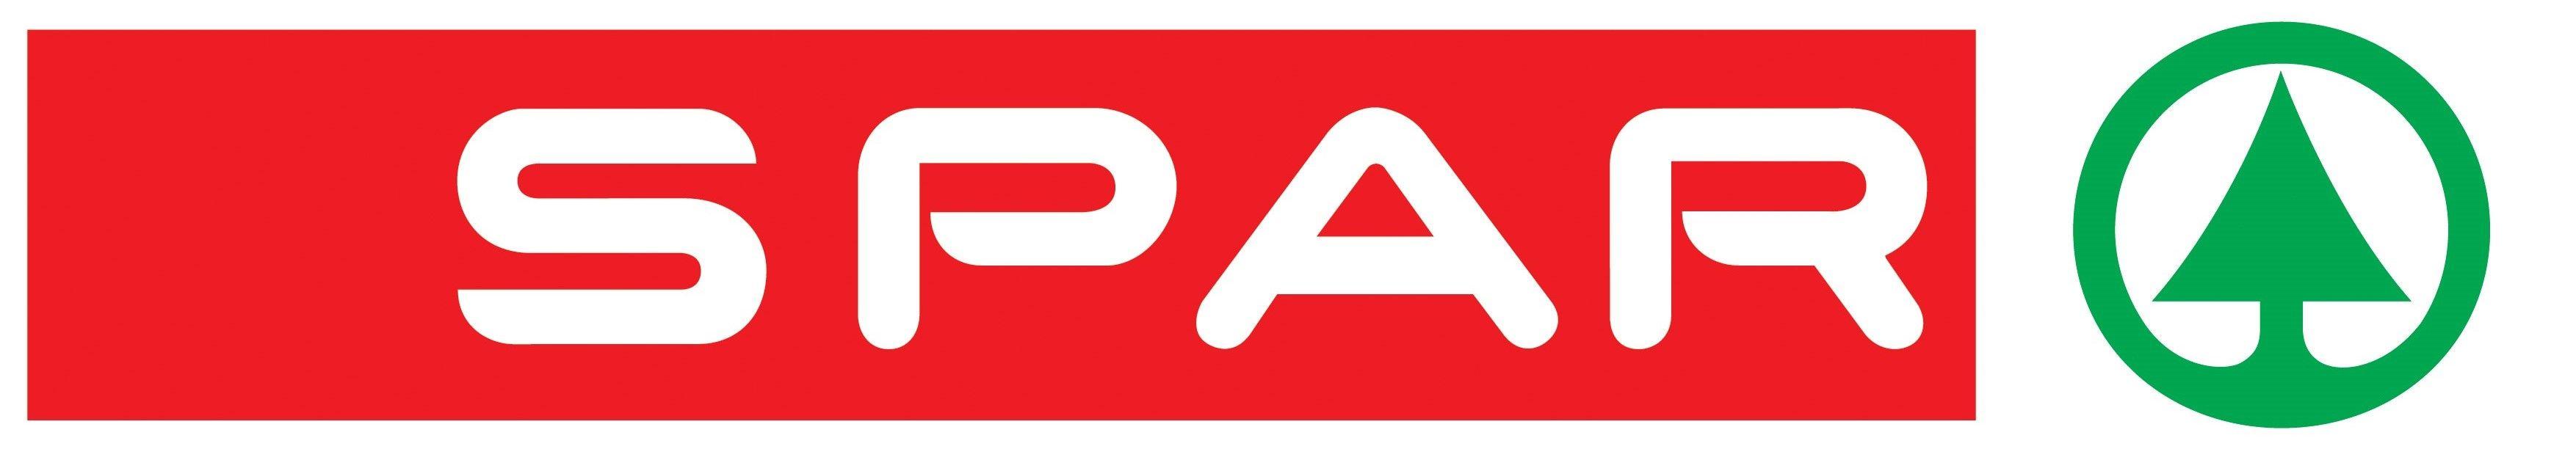 2020_spar_logo.jpg